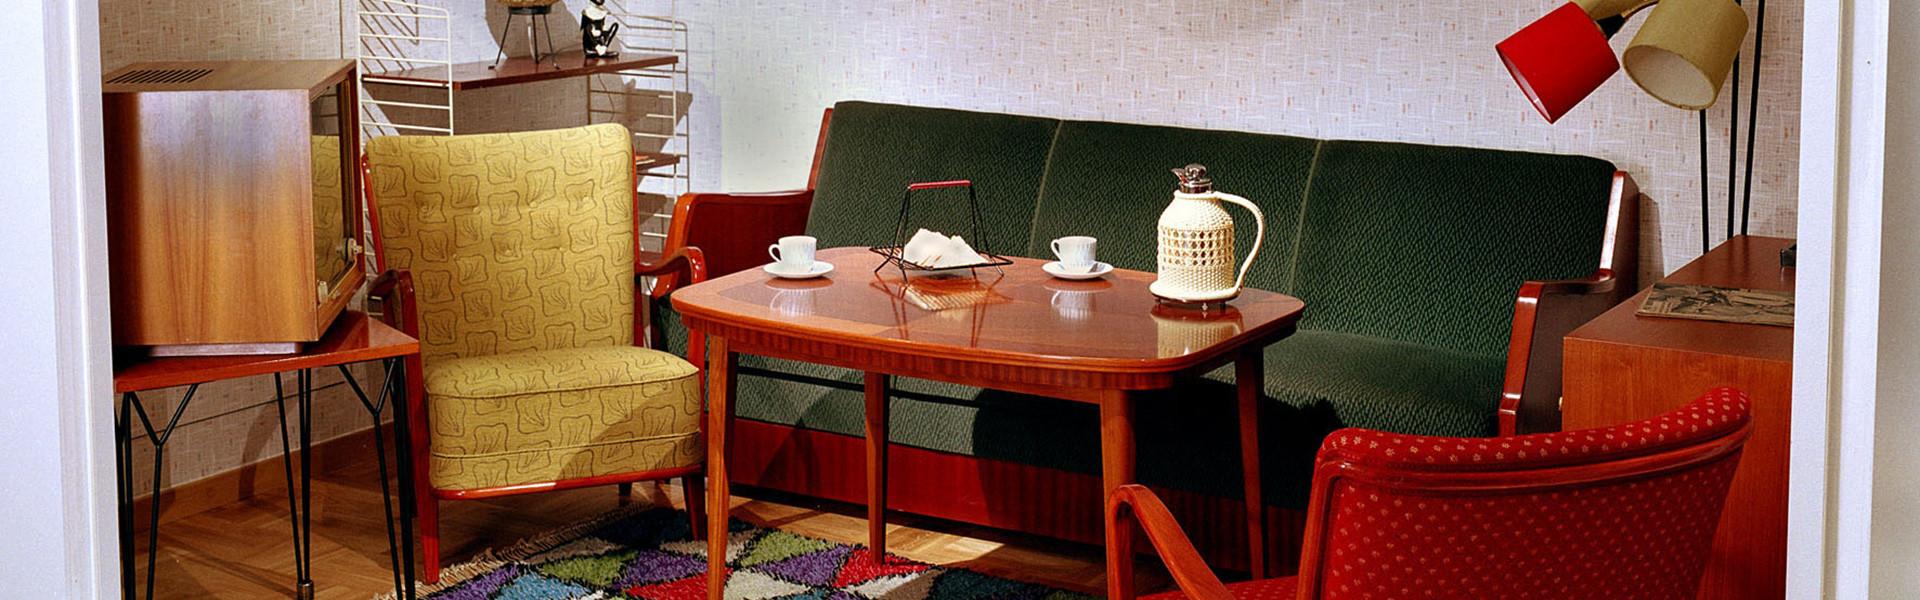 Tv-rum från 1958